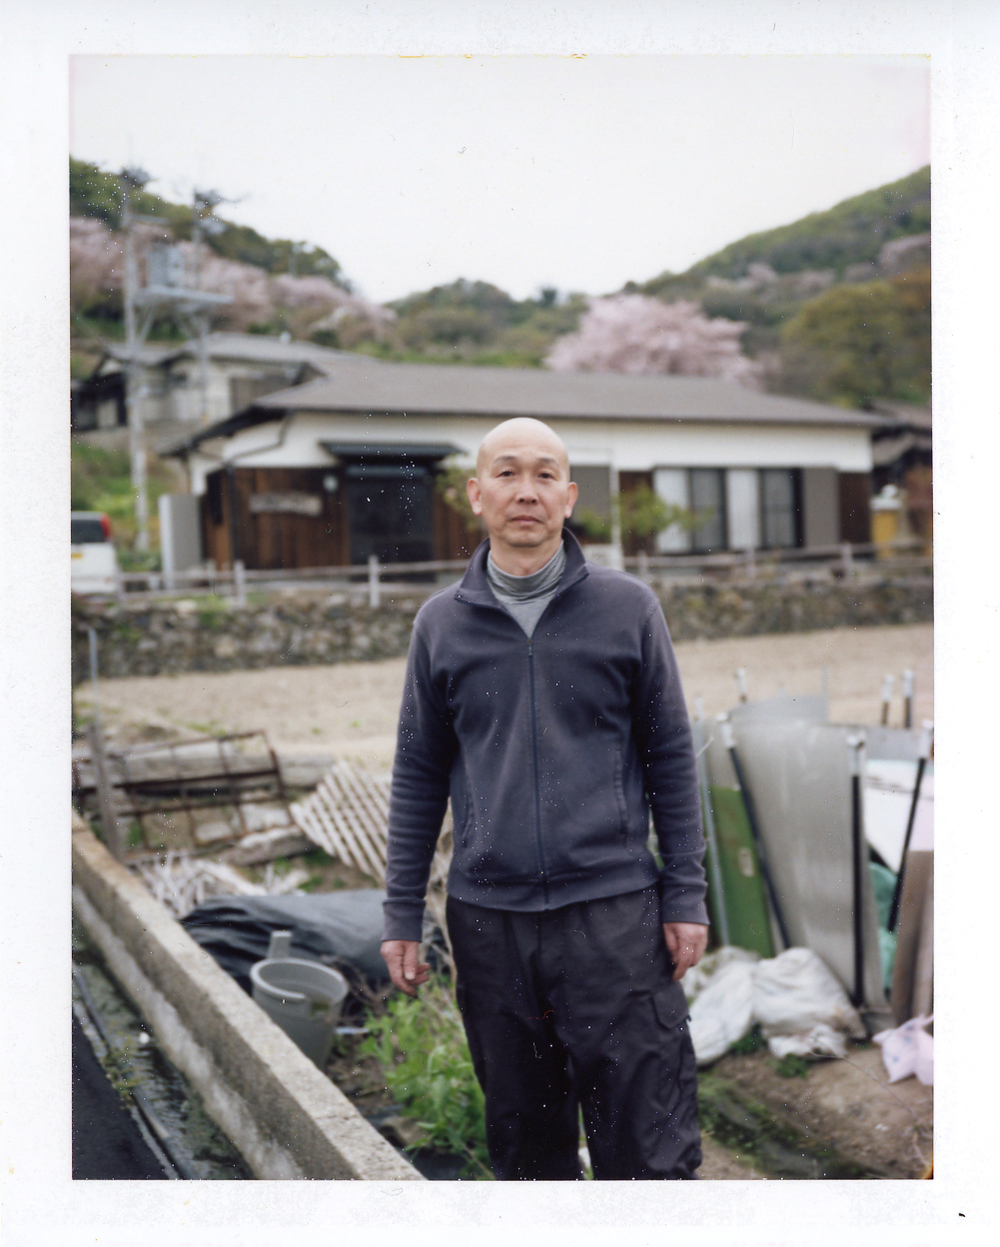 女木島で日本料理屋を『鬼旬』を営む、松内さん。この方の支えなくては、今回の女木島での食の集いは実現しませんでした。